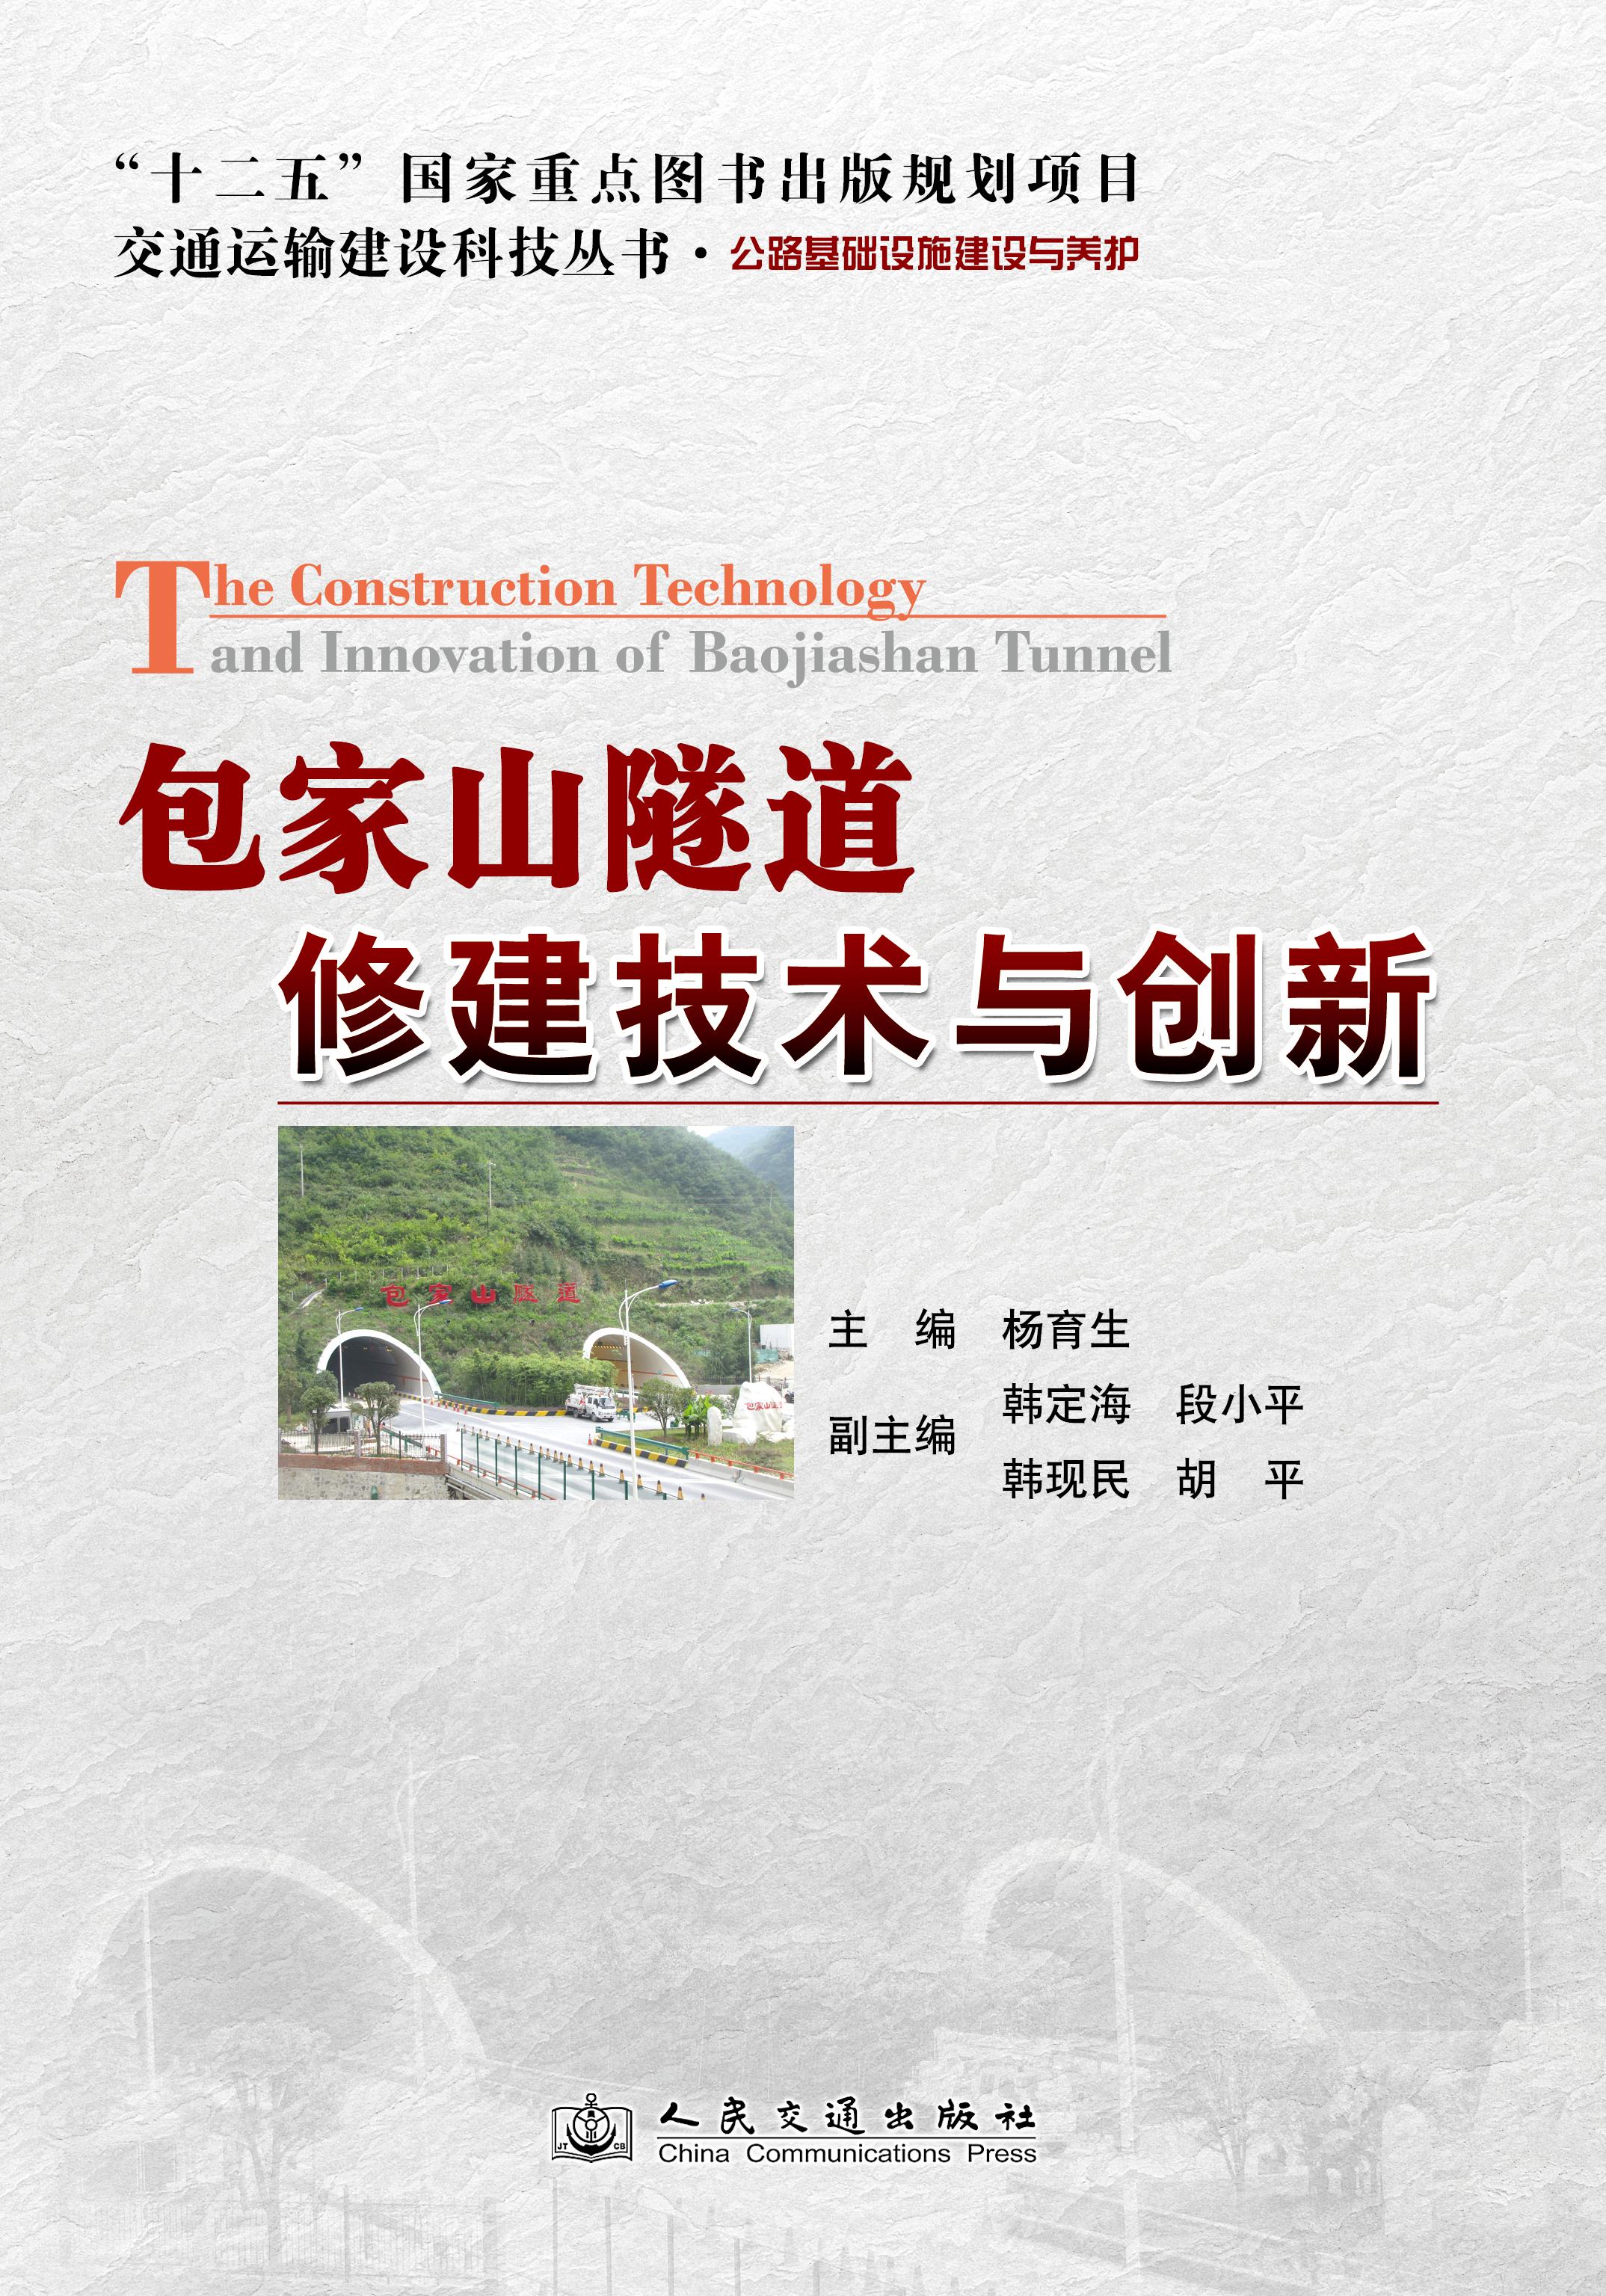 包家山隧道修建技术与创新